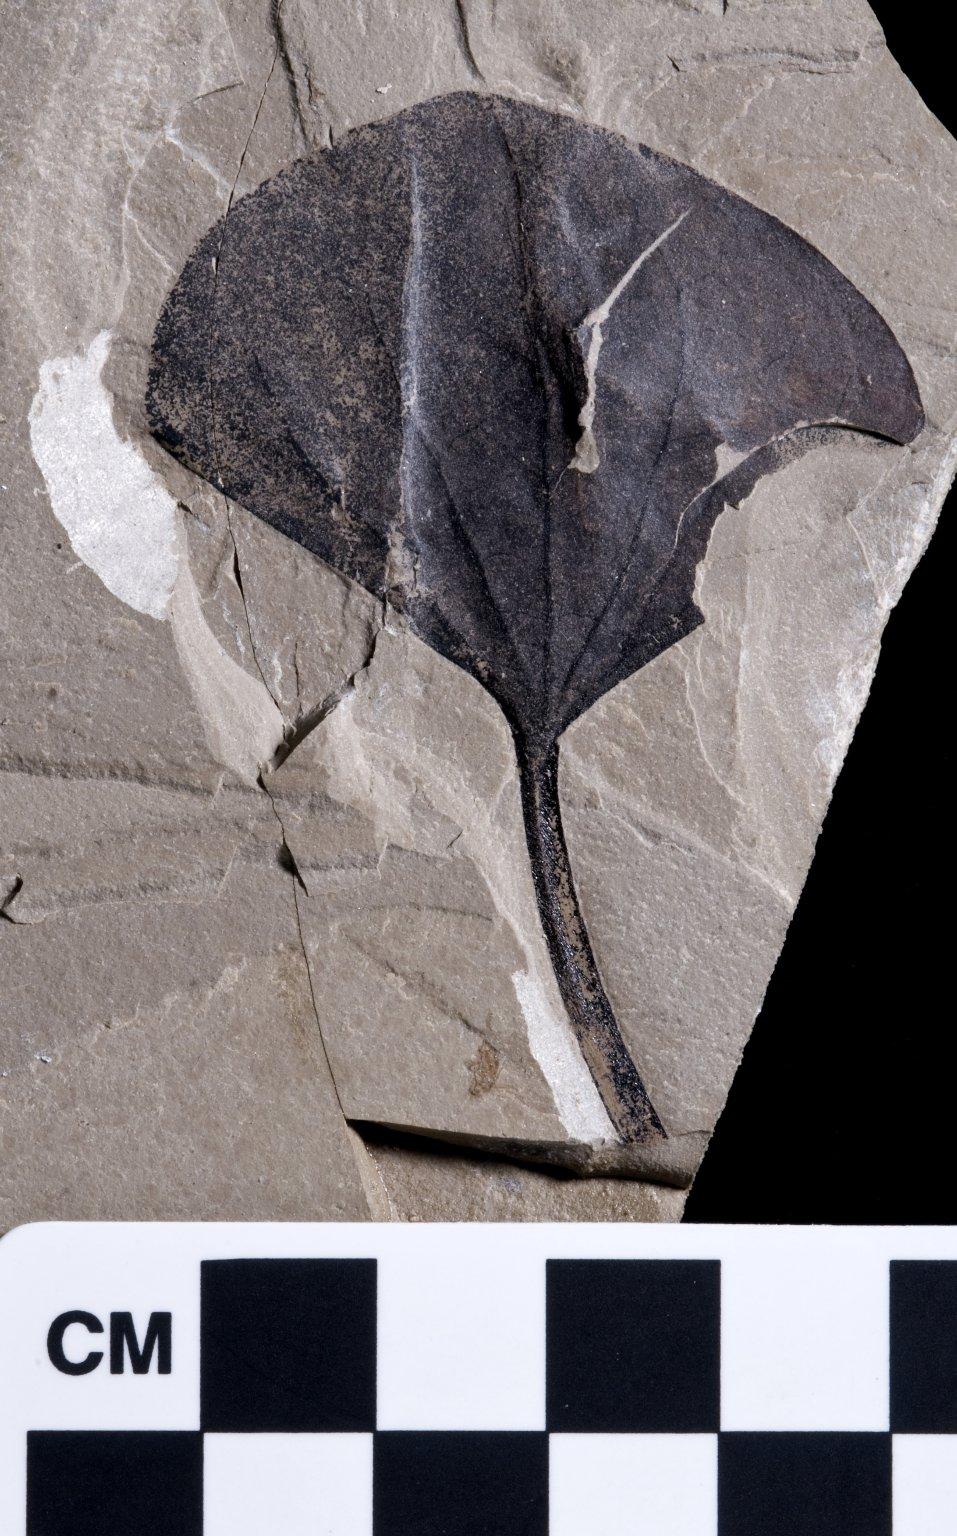 PC209 - leaf